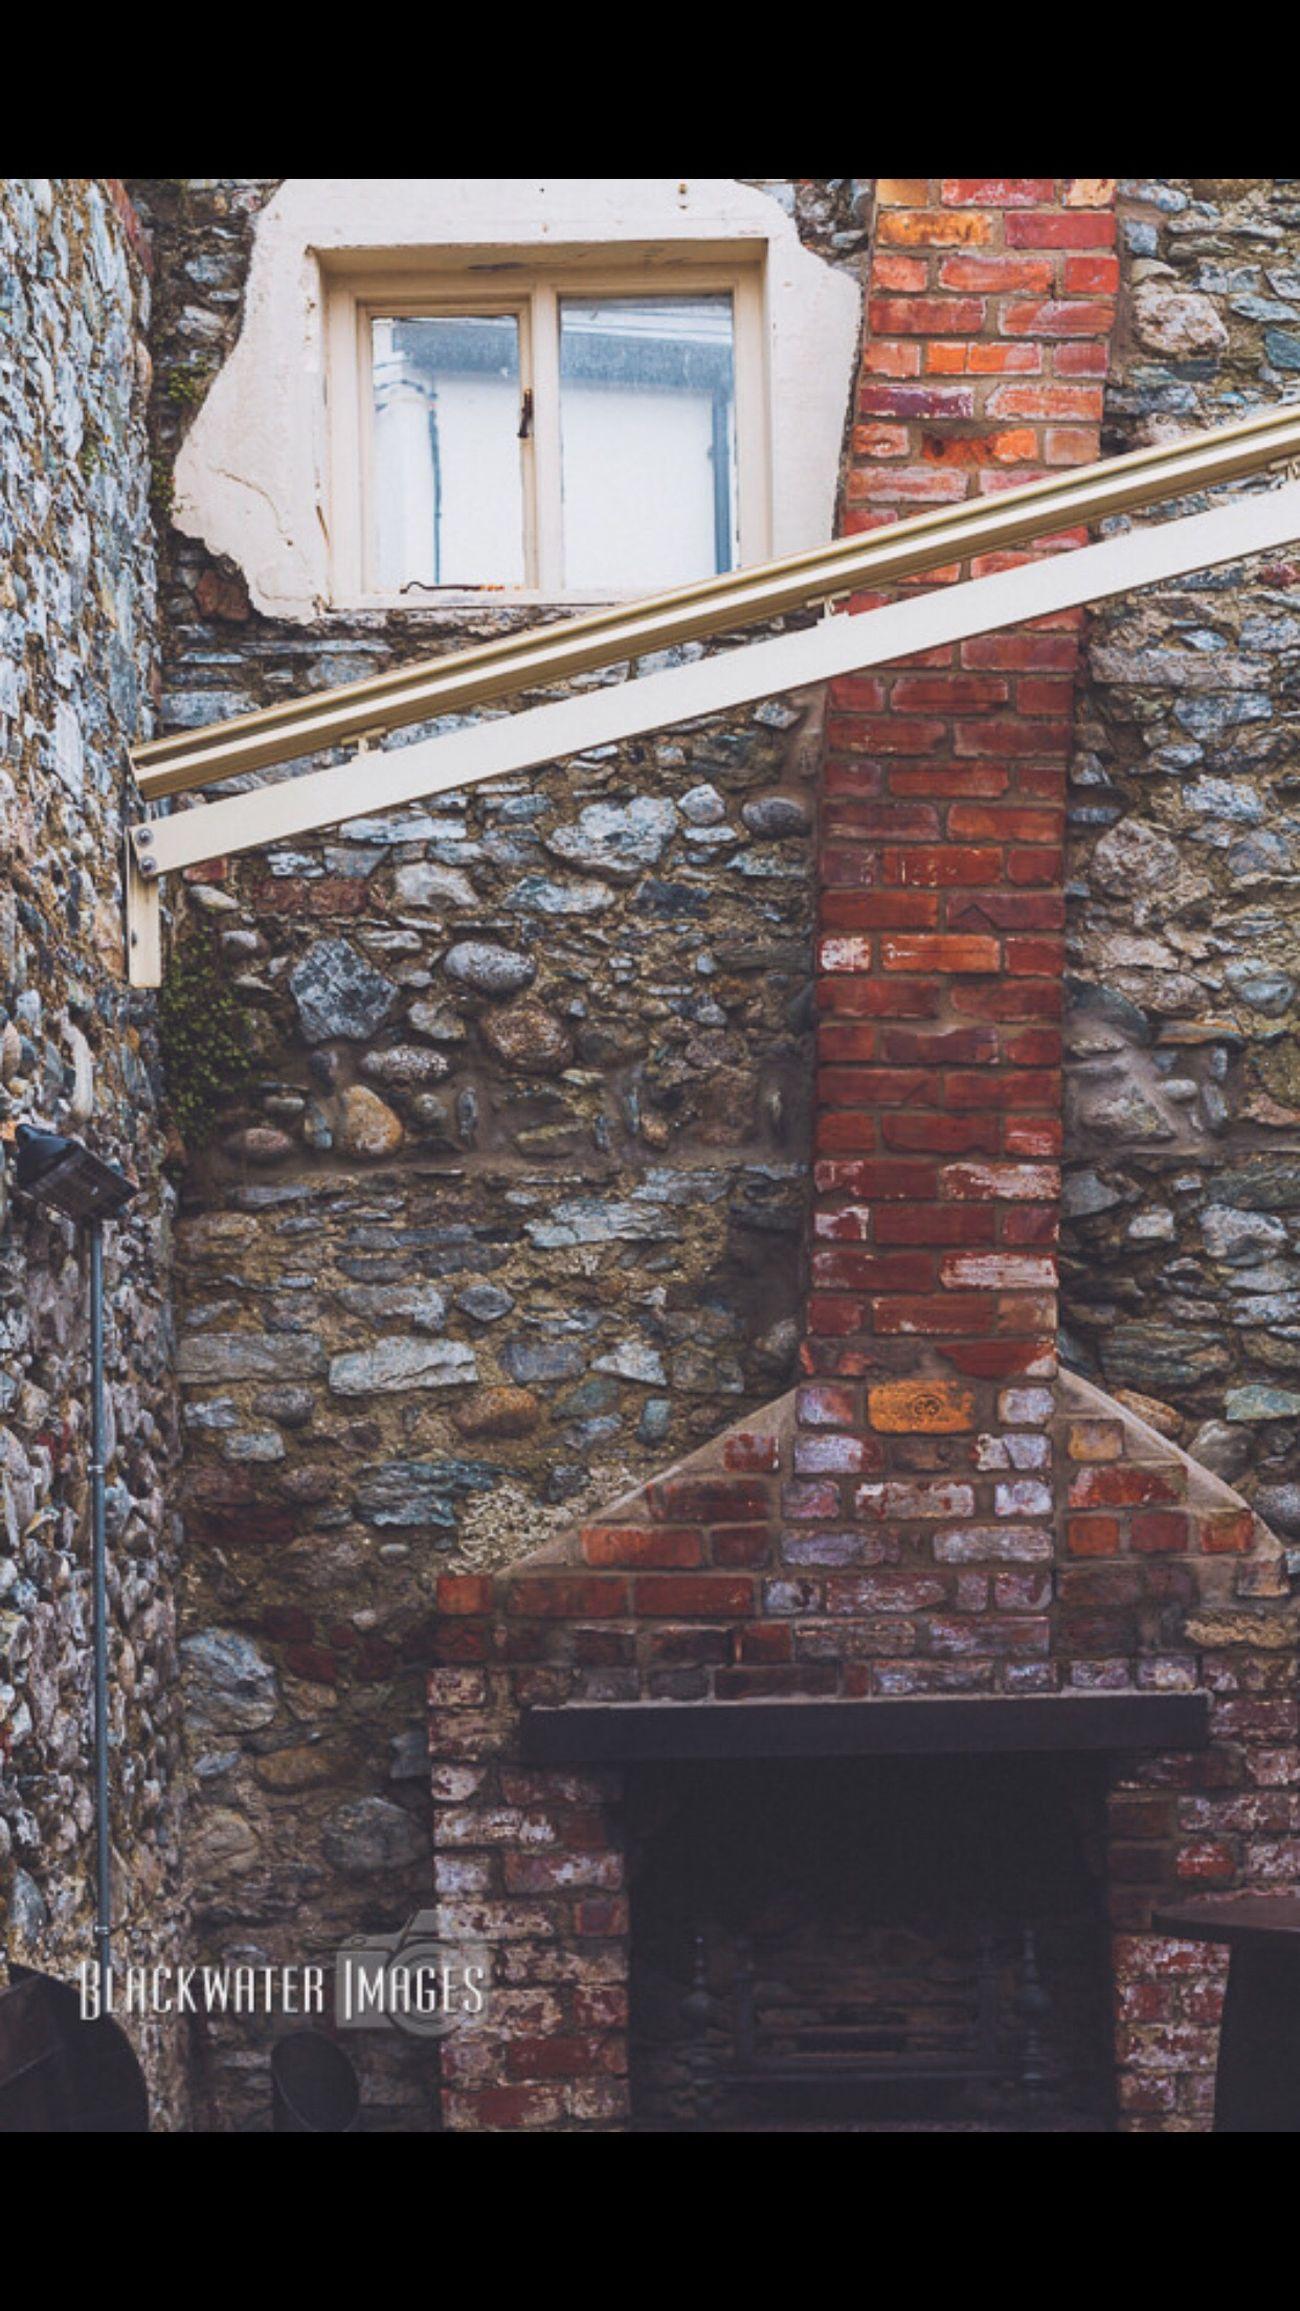 Beer Garden Northern Ireland Newcastle Mchughes Stone Brick Fire Grate Chimney Bricks Grate Old Window